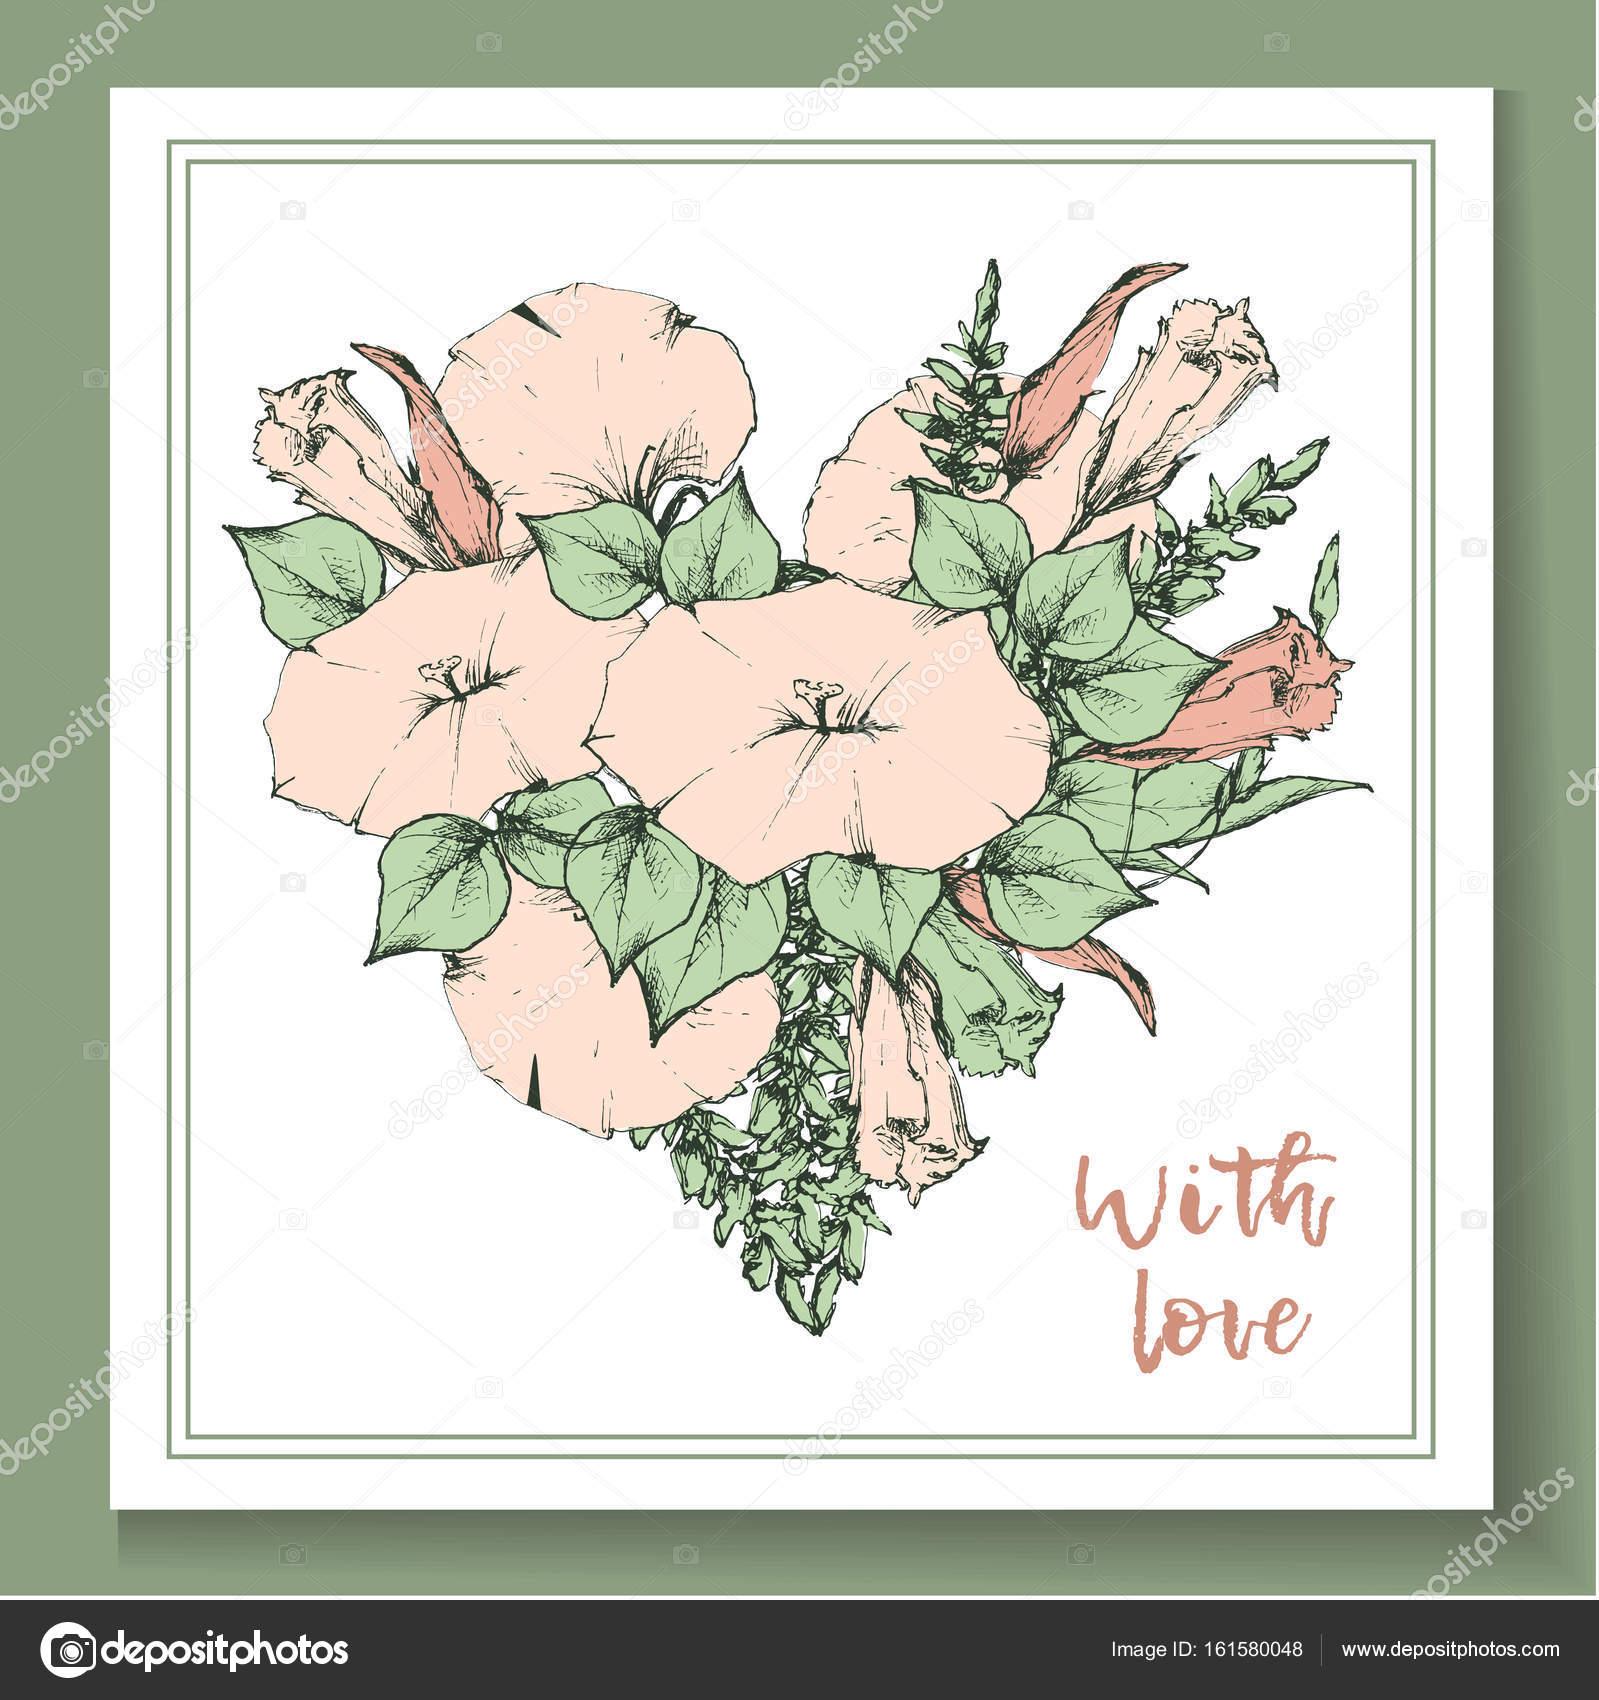 Carte Postale Vintage Retro Ou De Visite Avec Liseron Fleur Illustration Stock